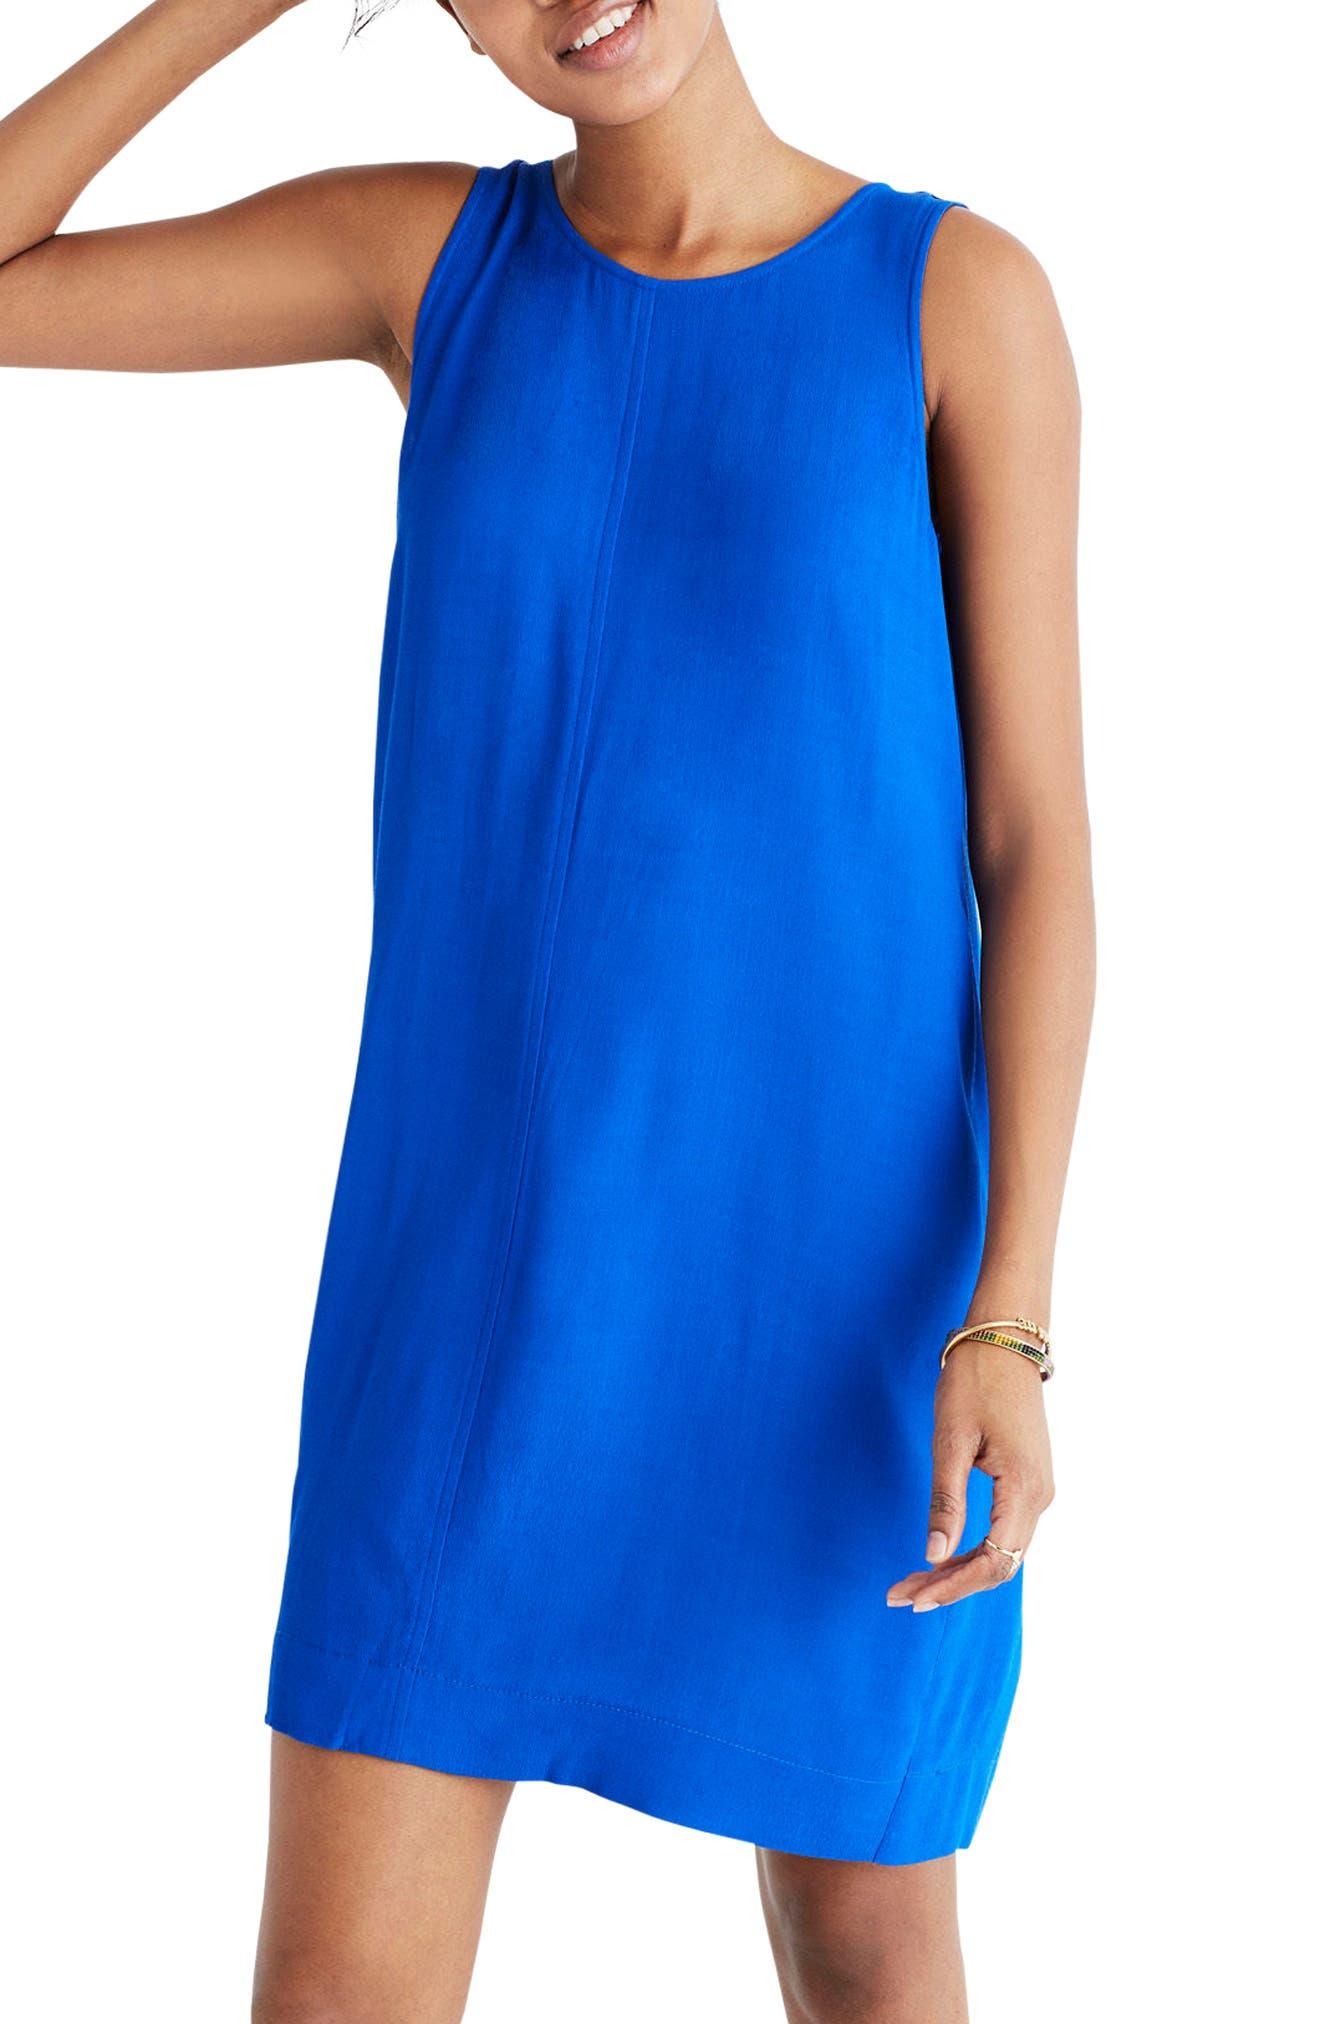 Lakeshore Button Back Dress,                             Main thumbnail 1, color,                             400